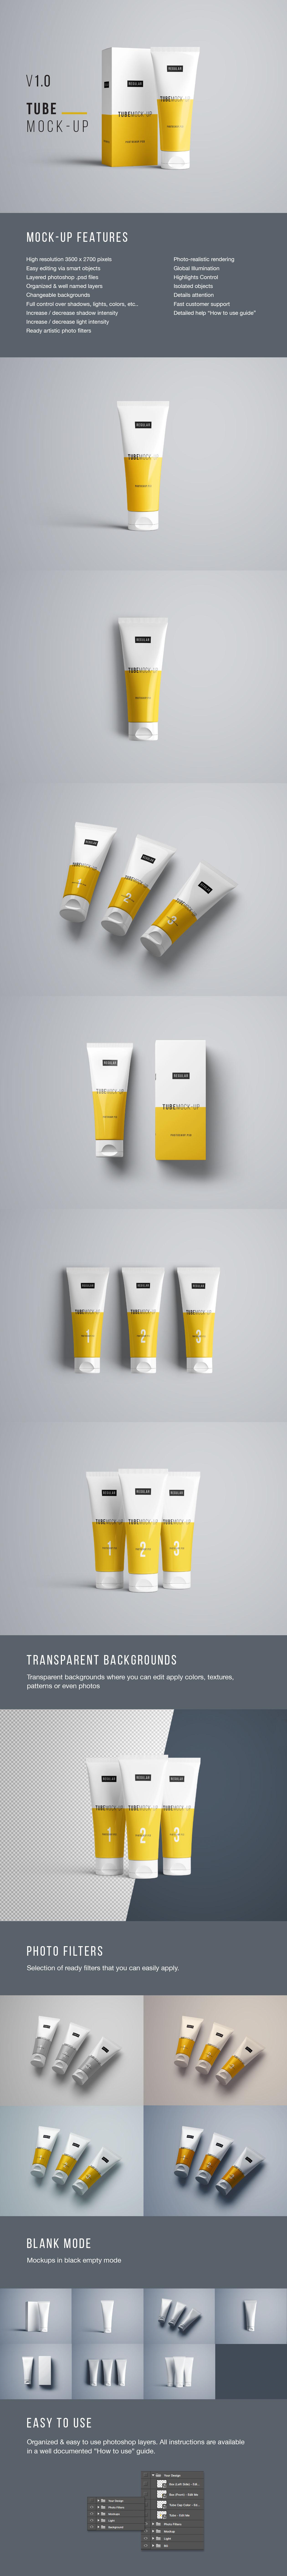 乳霜化妆品包装设计样机Tube Mockup(20190630)